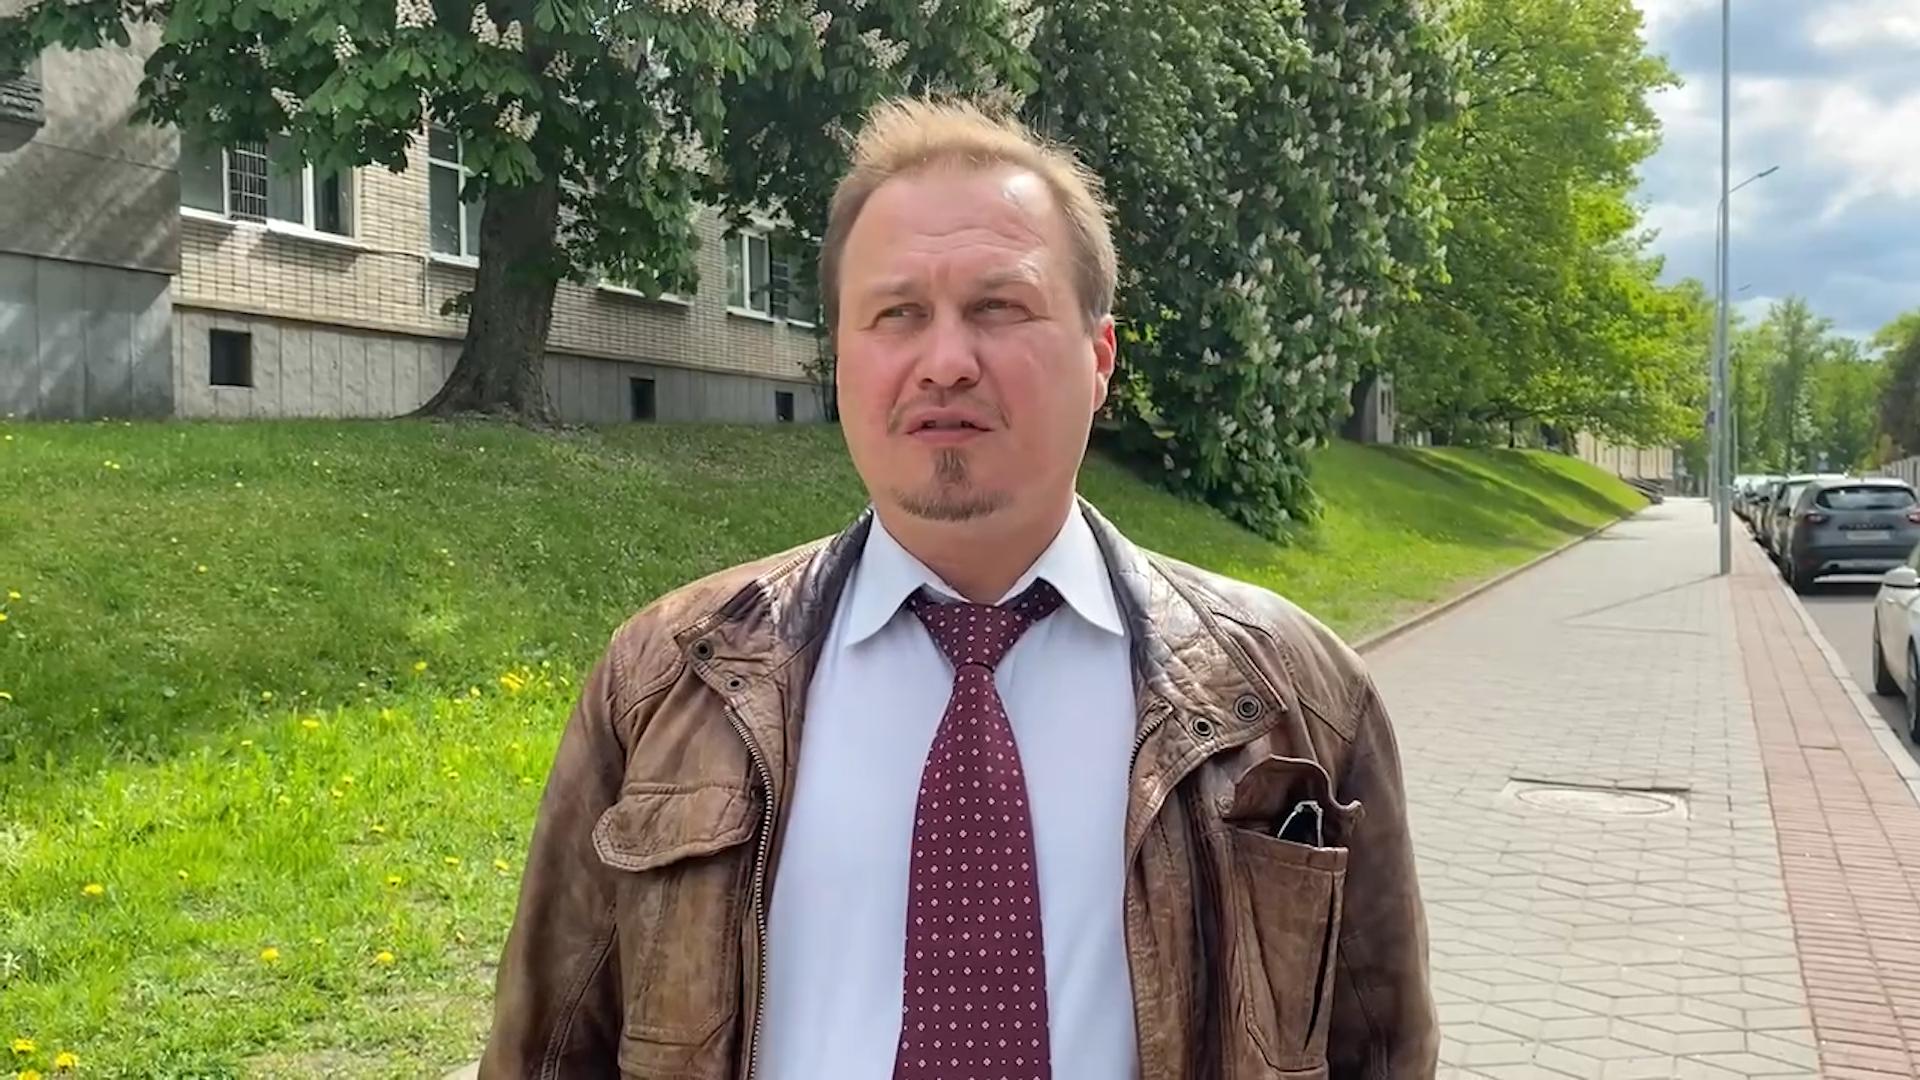 Присутствует доблесть духа: Адвокат задержанной россиянки Сапеги рассказал о встрече с подзащитной в СИЗО КГБ